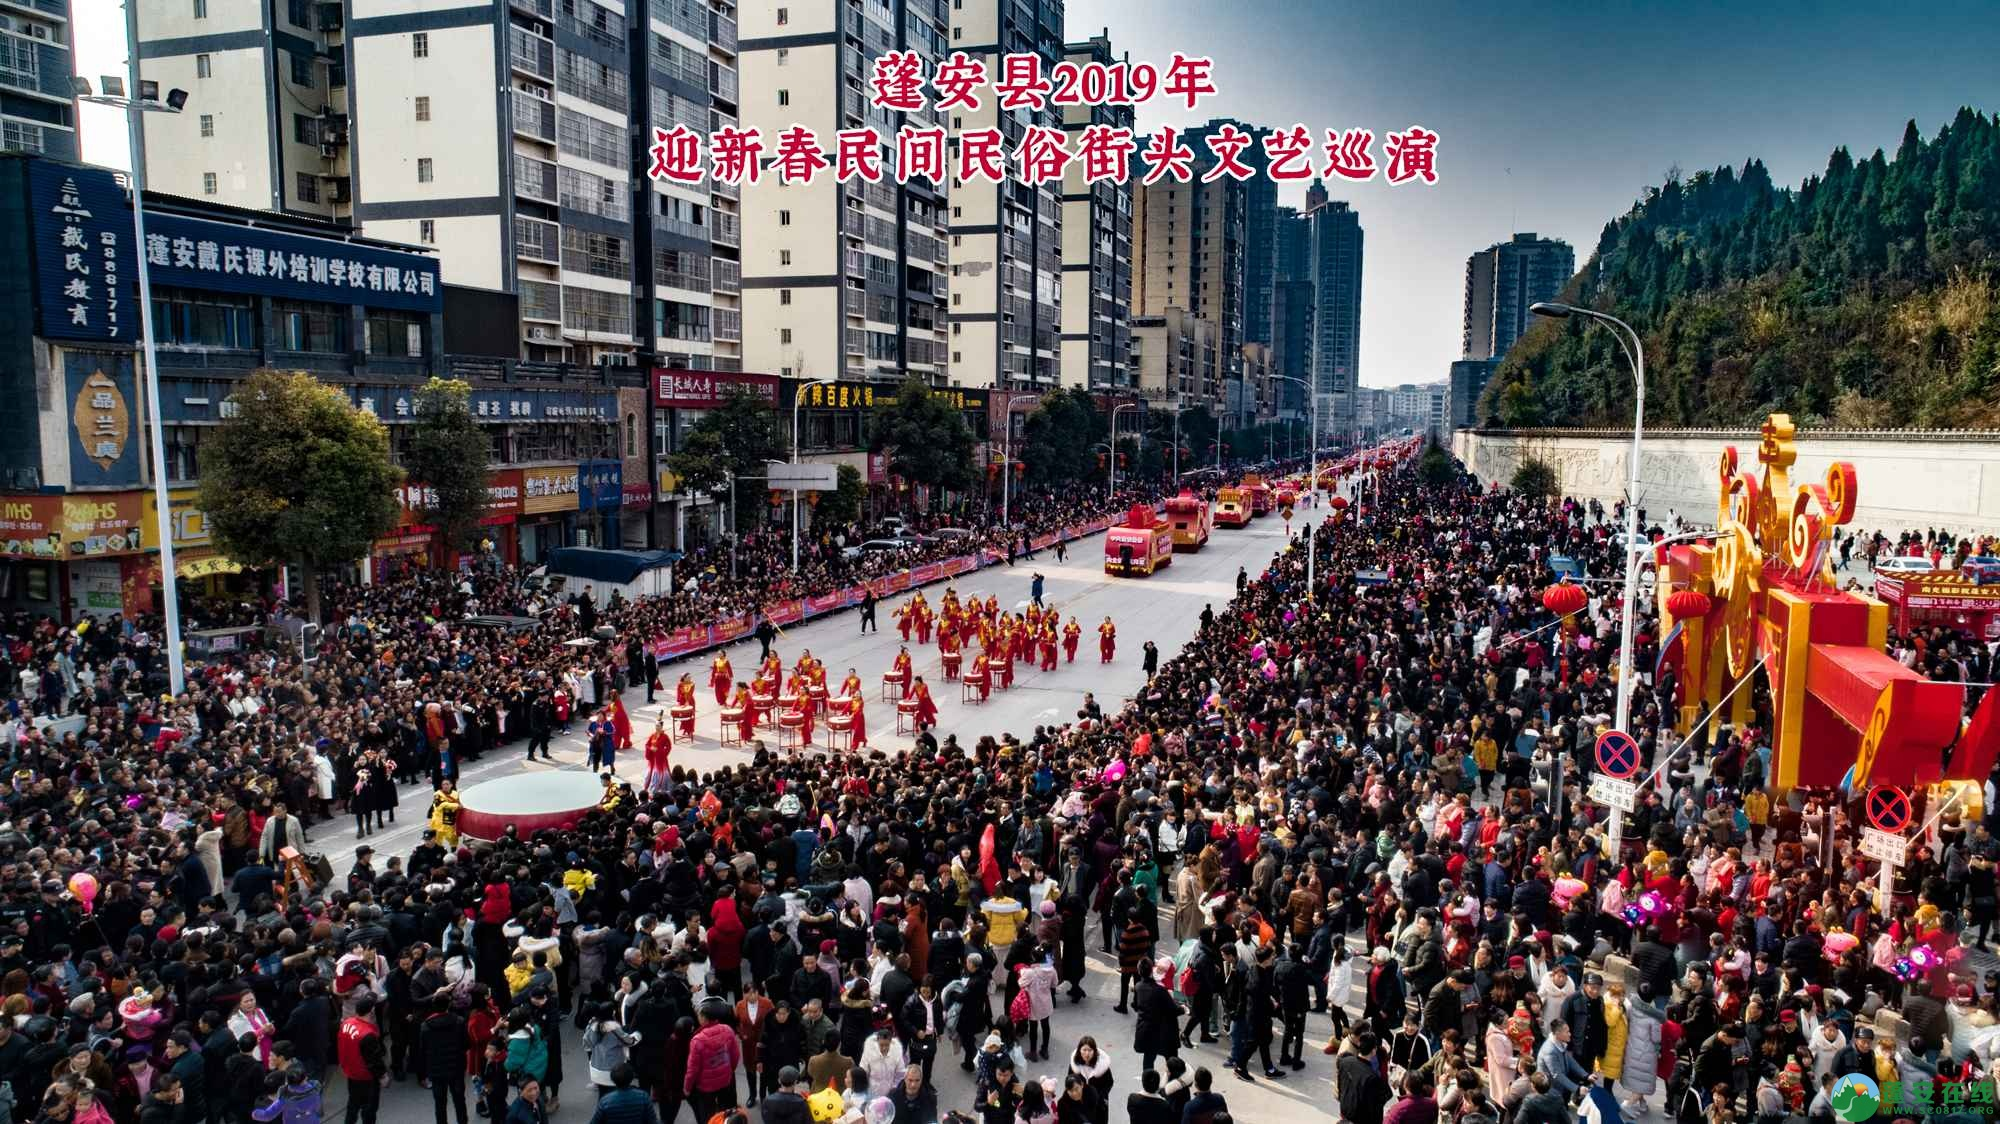 蓬安县2019年迎新春民间民俗街头文艺巡演精彩片段 - 第3张  | 蓬安在线